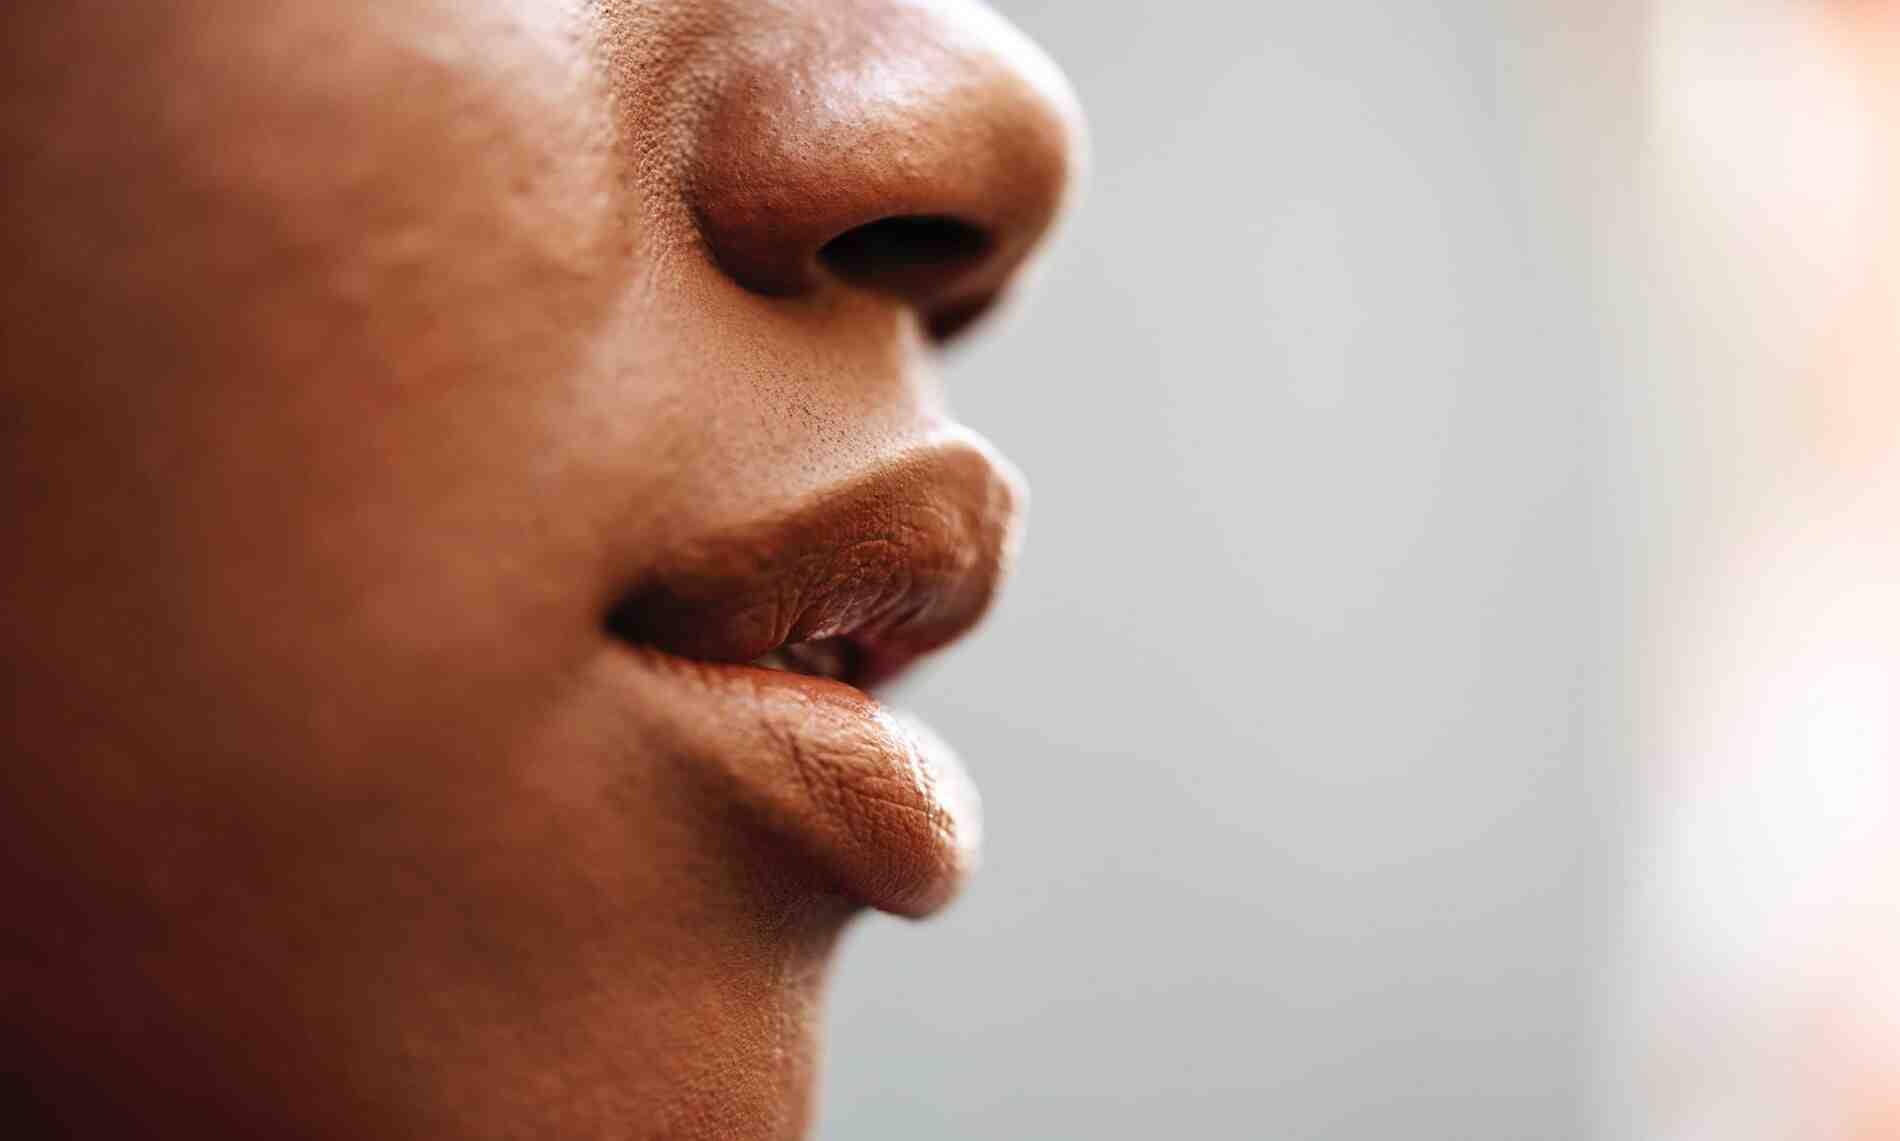 Comment faire pour avoir une bonne haleine toute la journée ?